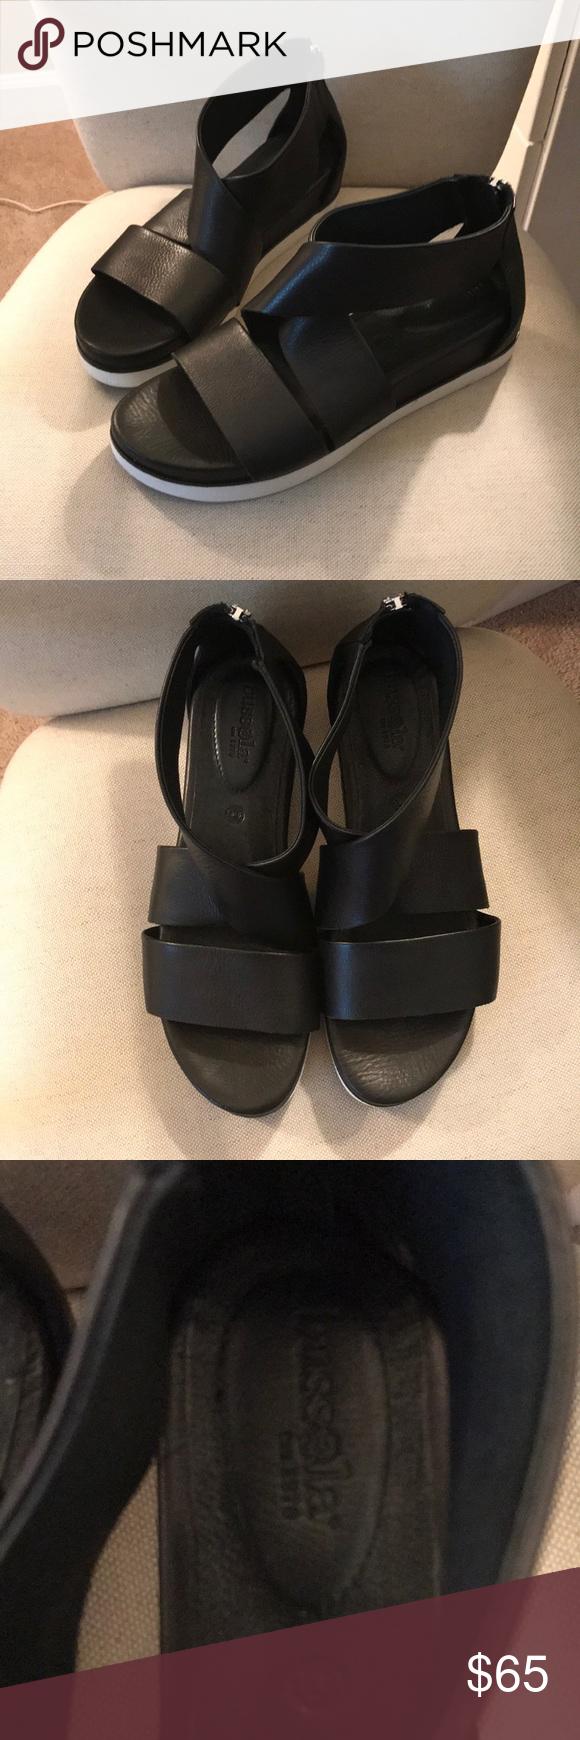 Bussola Peggy Sandals size 41 Black